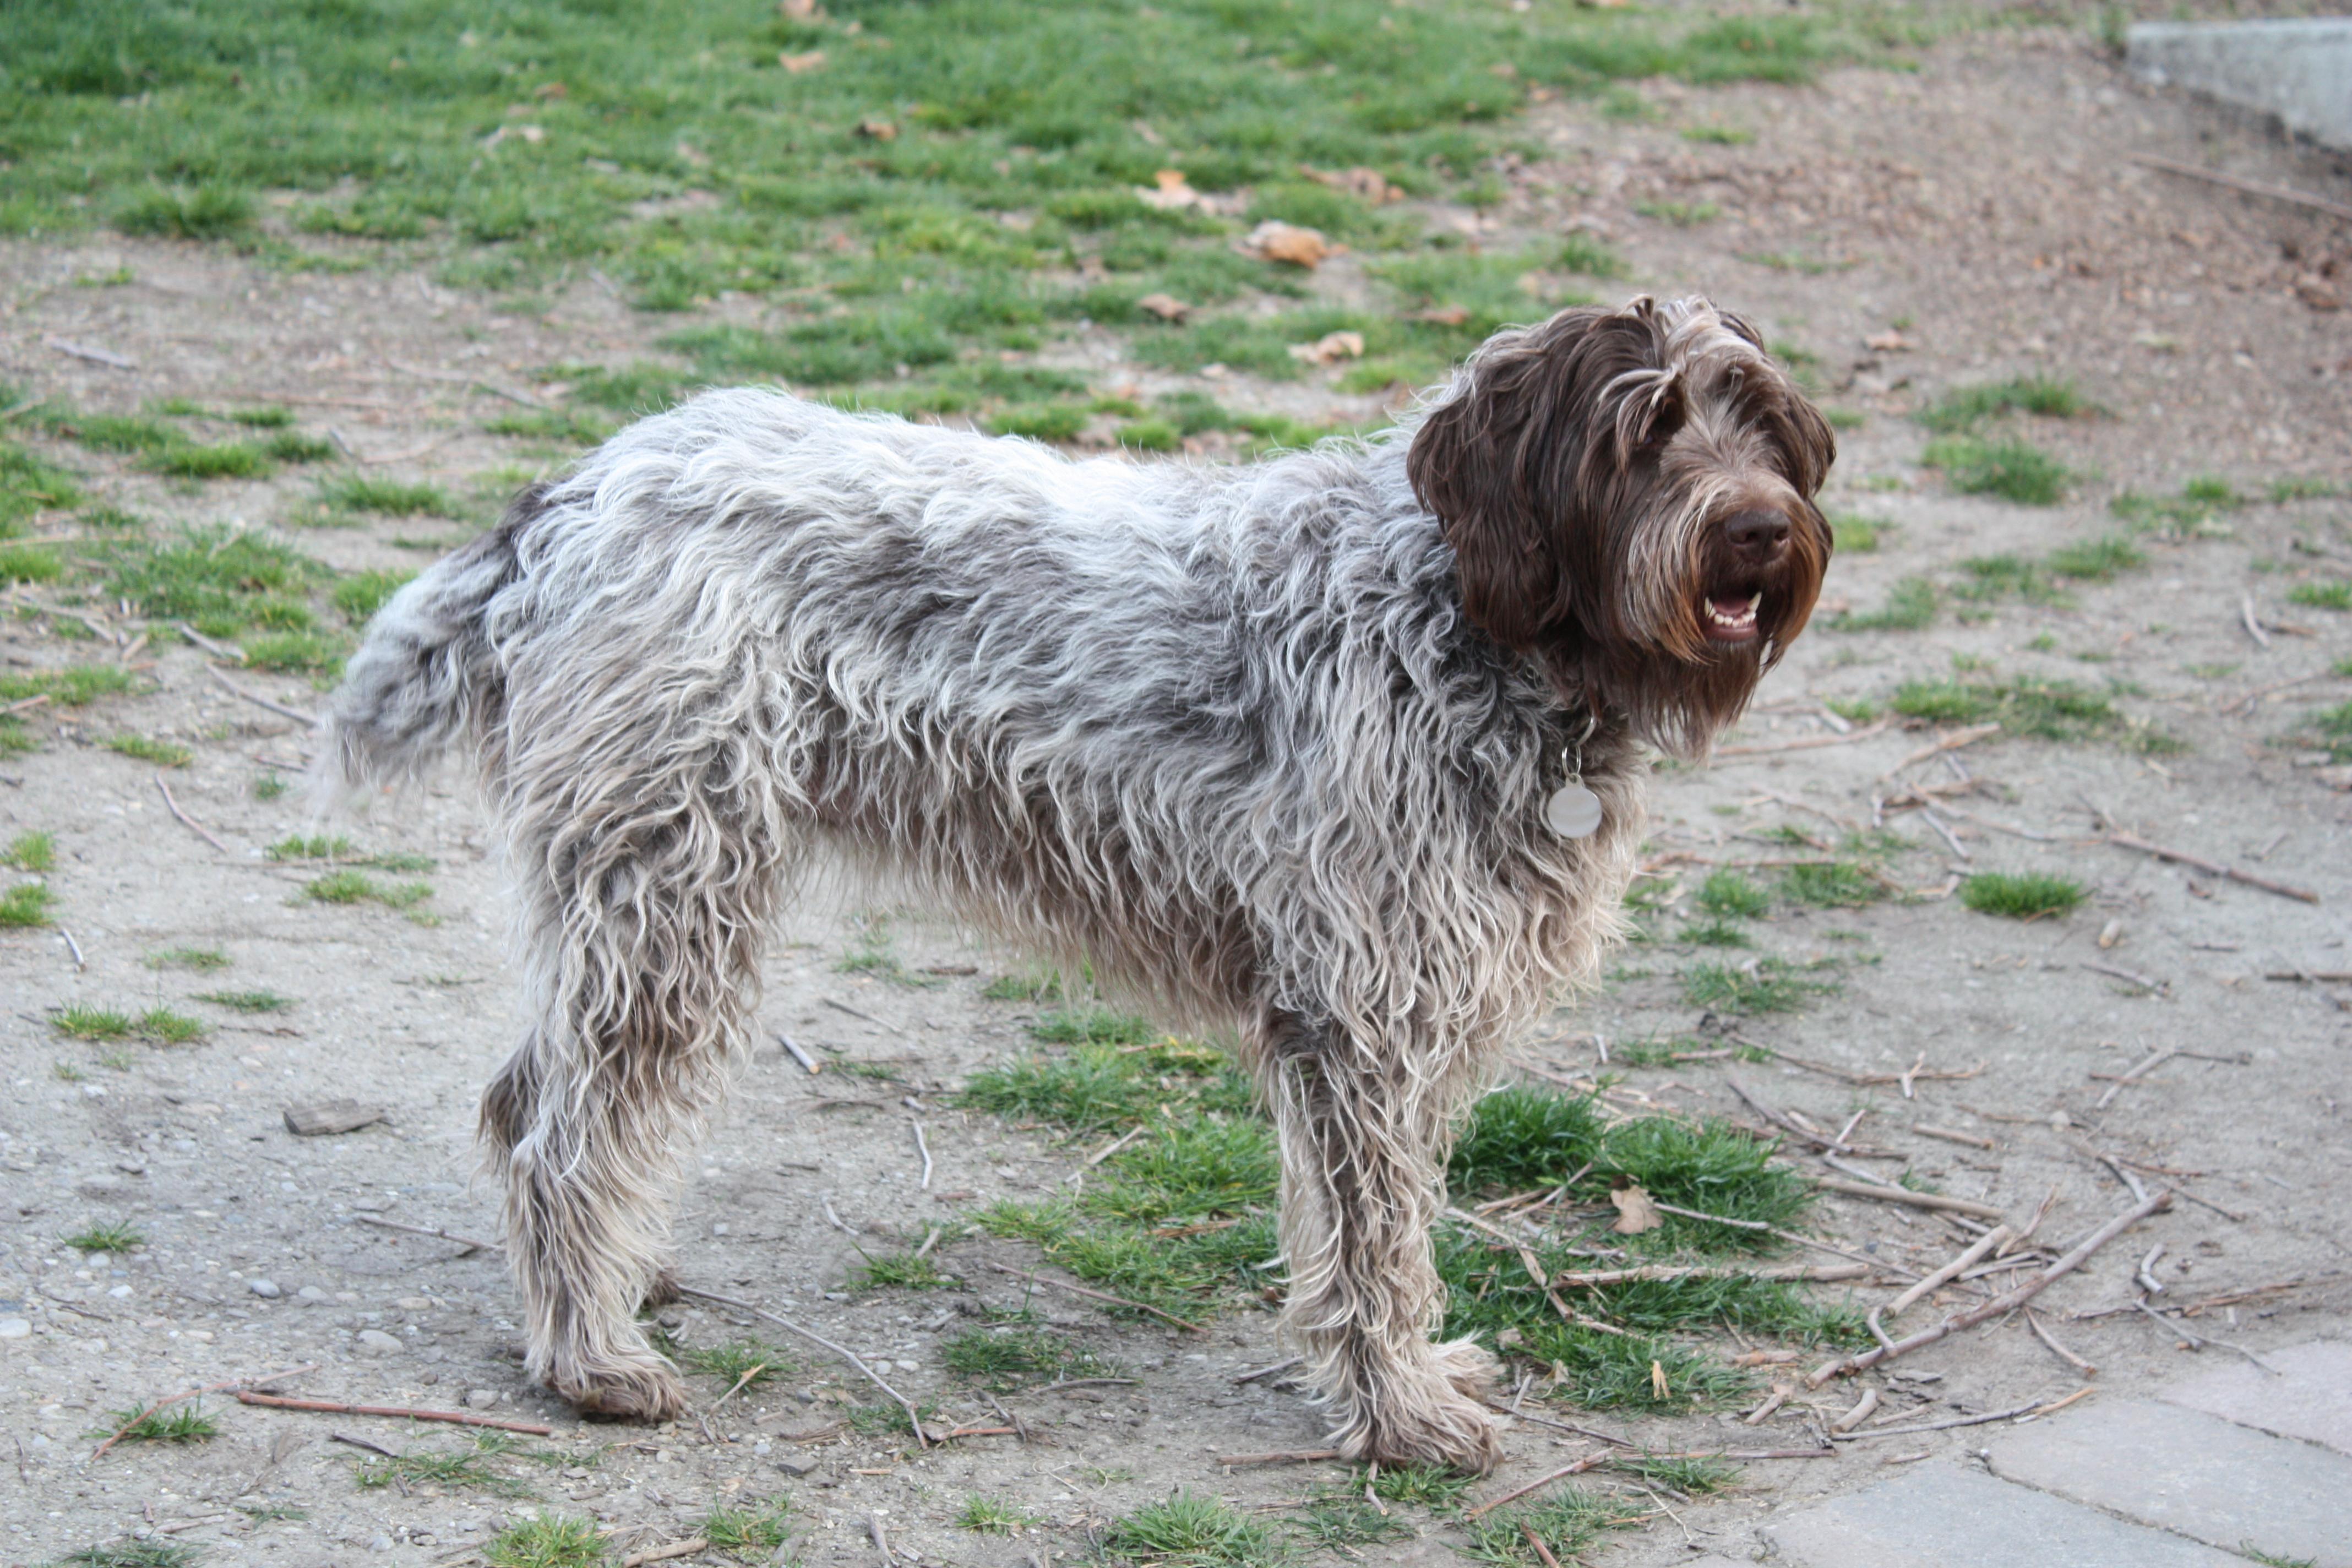 File:Griffon dog.jpg